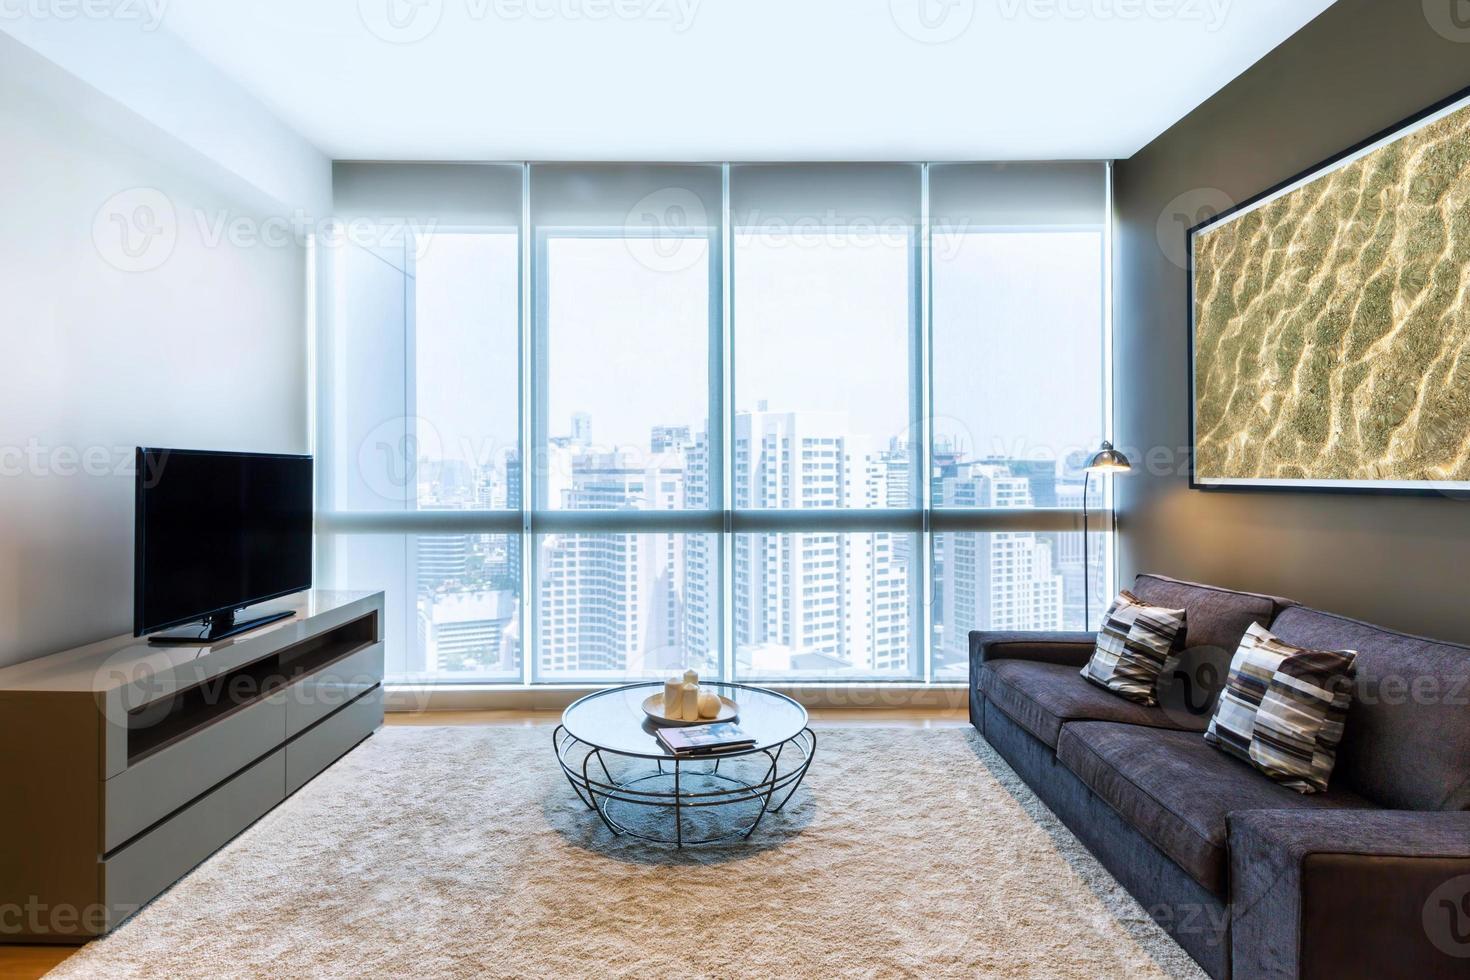 sala de estar con ventana grande foto